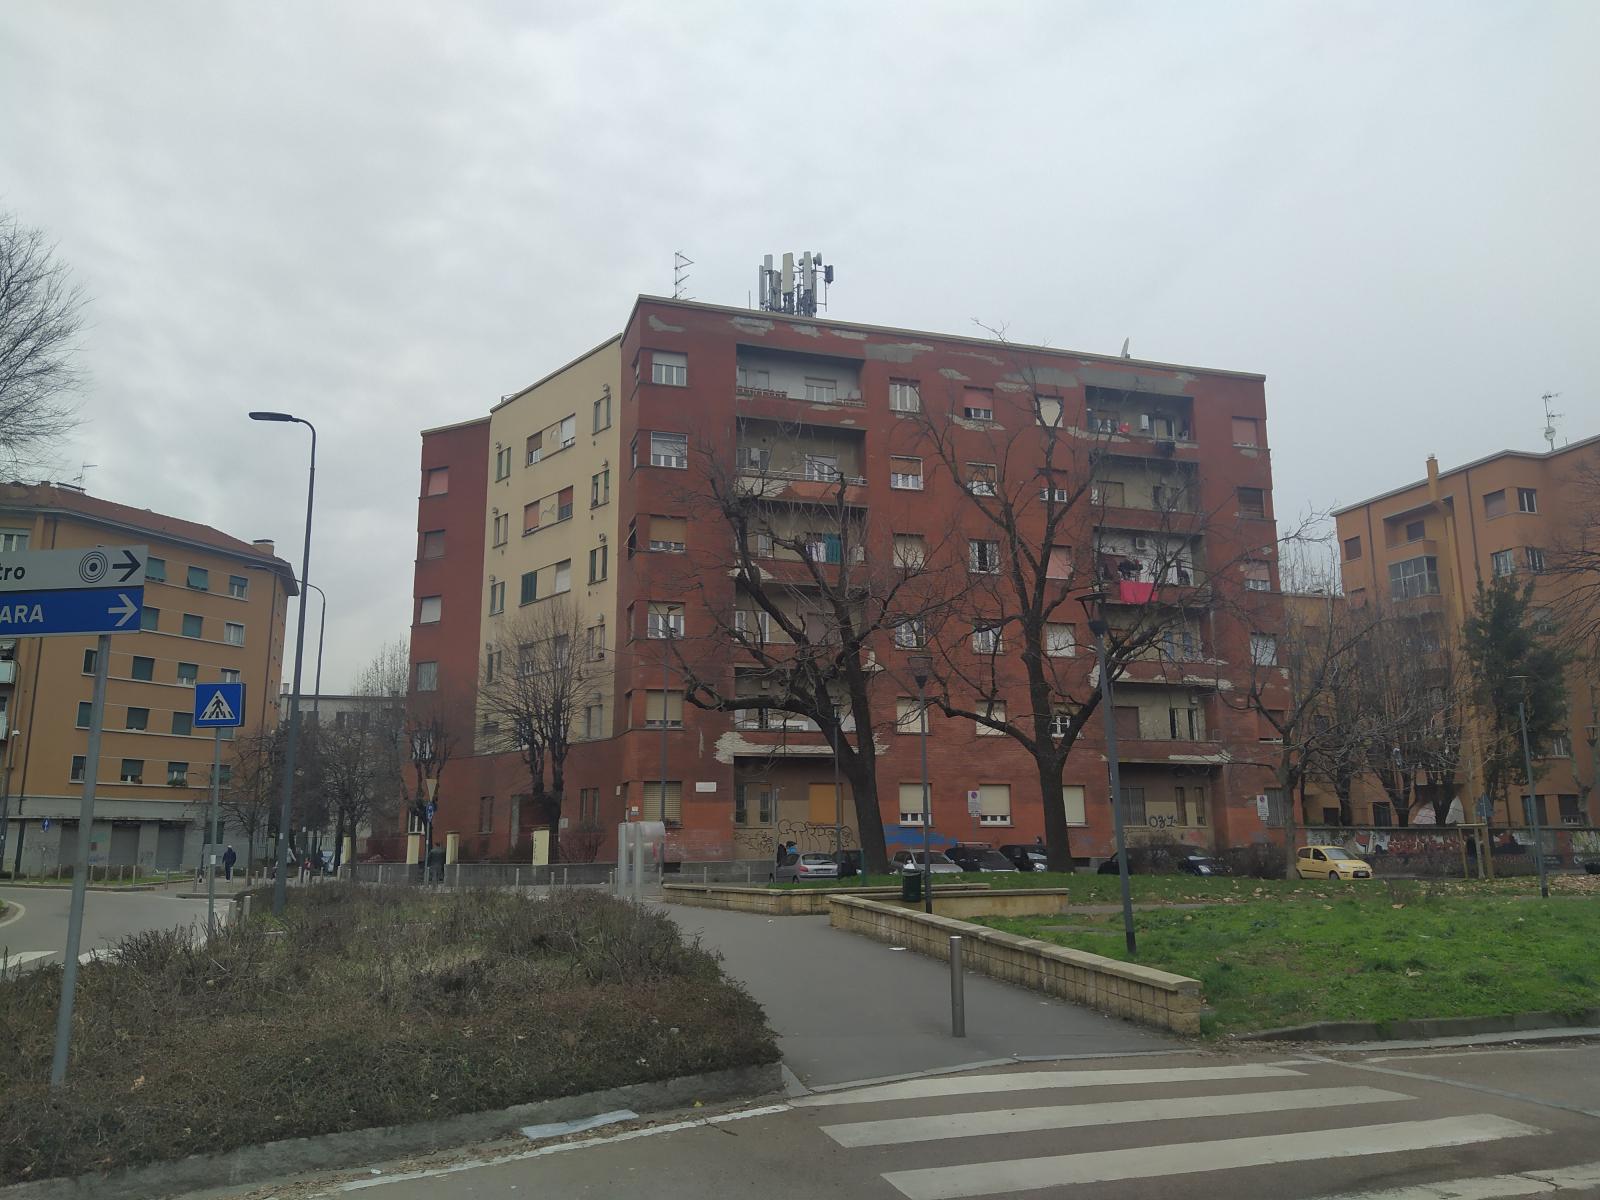 appartamento-in-vendita-piazza-seminunte-tre-locali-milano-da-ristrutturare-spaziourbano-immobiliare-dove-trovi-casa-1